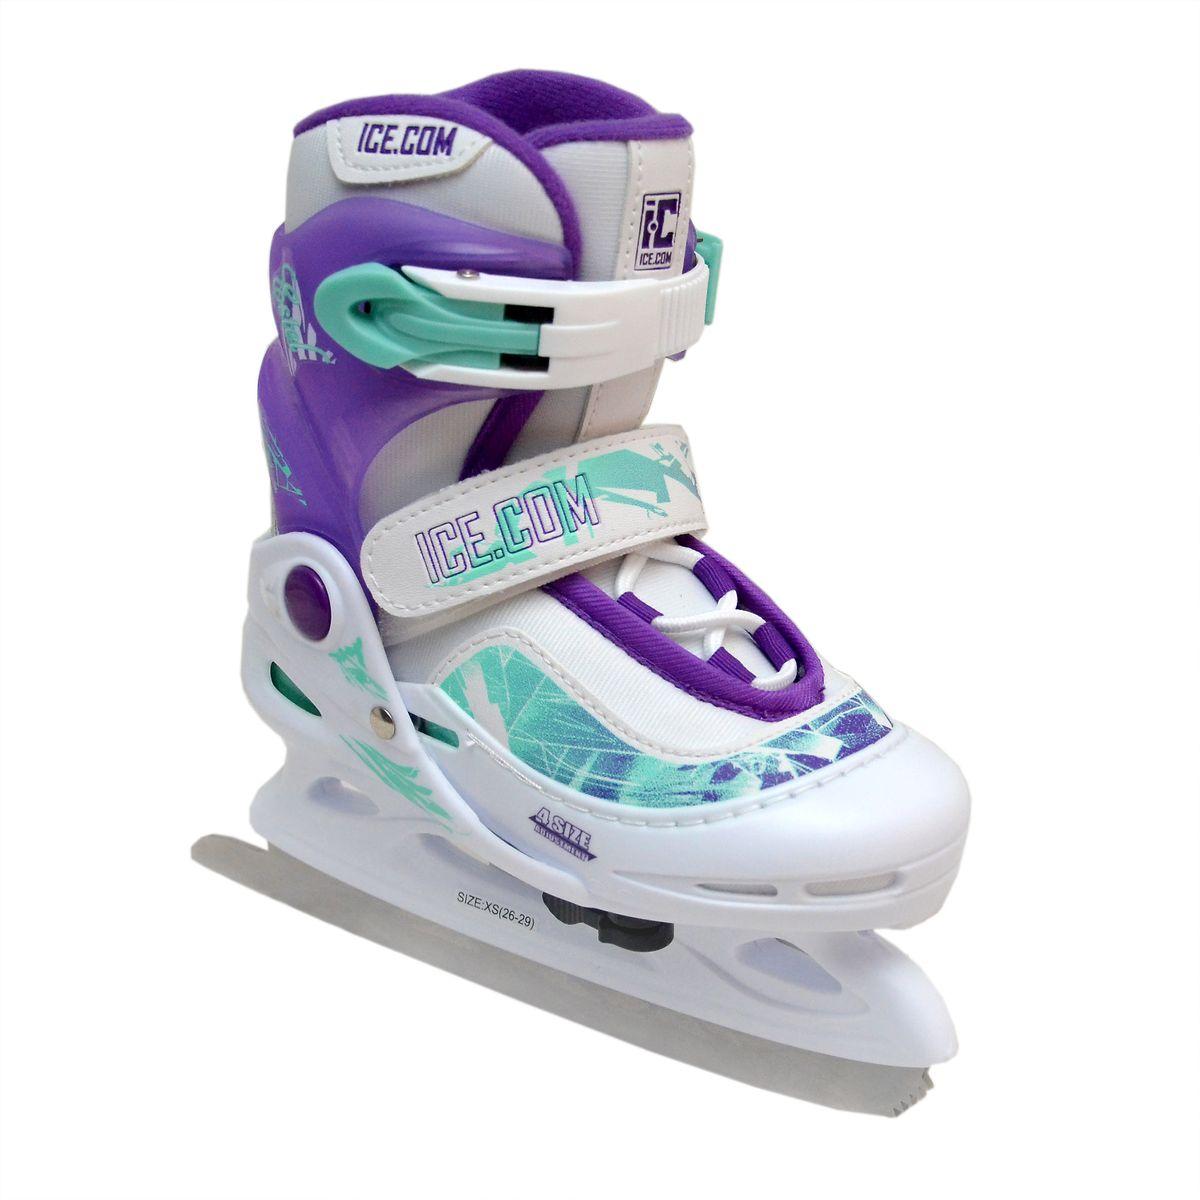 Коньки ледовые женские Ice. Com Estel, раздвижные, цвет: белый, фиолетовый, бирюзовый. Размер 38/41EstelЯркие ледовые коньки Estel от Ice. Com отлично подойдут для начинающих обучаться катанию. Ботинок Comfortable Fit очень хорошо держит ногу и при этом, позволит чувствовать удобство во время катания. Он изготовлен из морозостойкого пластика, который защитит ногу от ударов, и прочного нейлона со вставками из ПВХ. Поролоновый утеплитель не позволит ногам замерзнуть. Четкую фиксацию голени обеспечивают шнуровка Quick Lace, застежка на липучке Velcro и застежка с фиксатором Power Strap. Стальное фигурное лезвие обеспечит превосходное скольжение.Особенностью коньков является раздвижная конструкция, которая позволяет увеличивать длину ботинка на 4 размера по мере роста ноги. Размер регулируется при помощи рычажка.Оформлена модель оригинальными узорами и тиснениями в виде логотипа бренда на пятке, язычке и застежке.Для того, чтобы Вам максимально точно подобрать размер коньков, узнайте длину стопы с точностью до миллиметра. Для этого поставьте босую ногу на лист бумаги А4 и отметьте на бумаге самые крайние точки Вашей стопы (пятка и носок). Затем измерьте обычной линейкой расстояние (до миллиметра) между этими отметками на бумаге. Не забудьте учесть 2-3 мм запаса под носок.